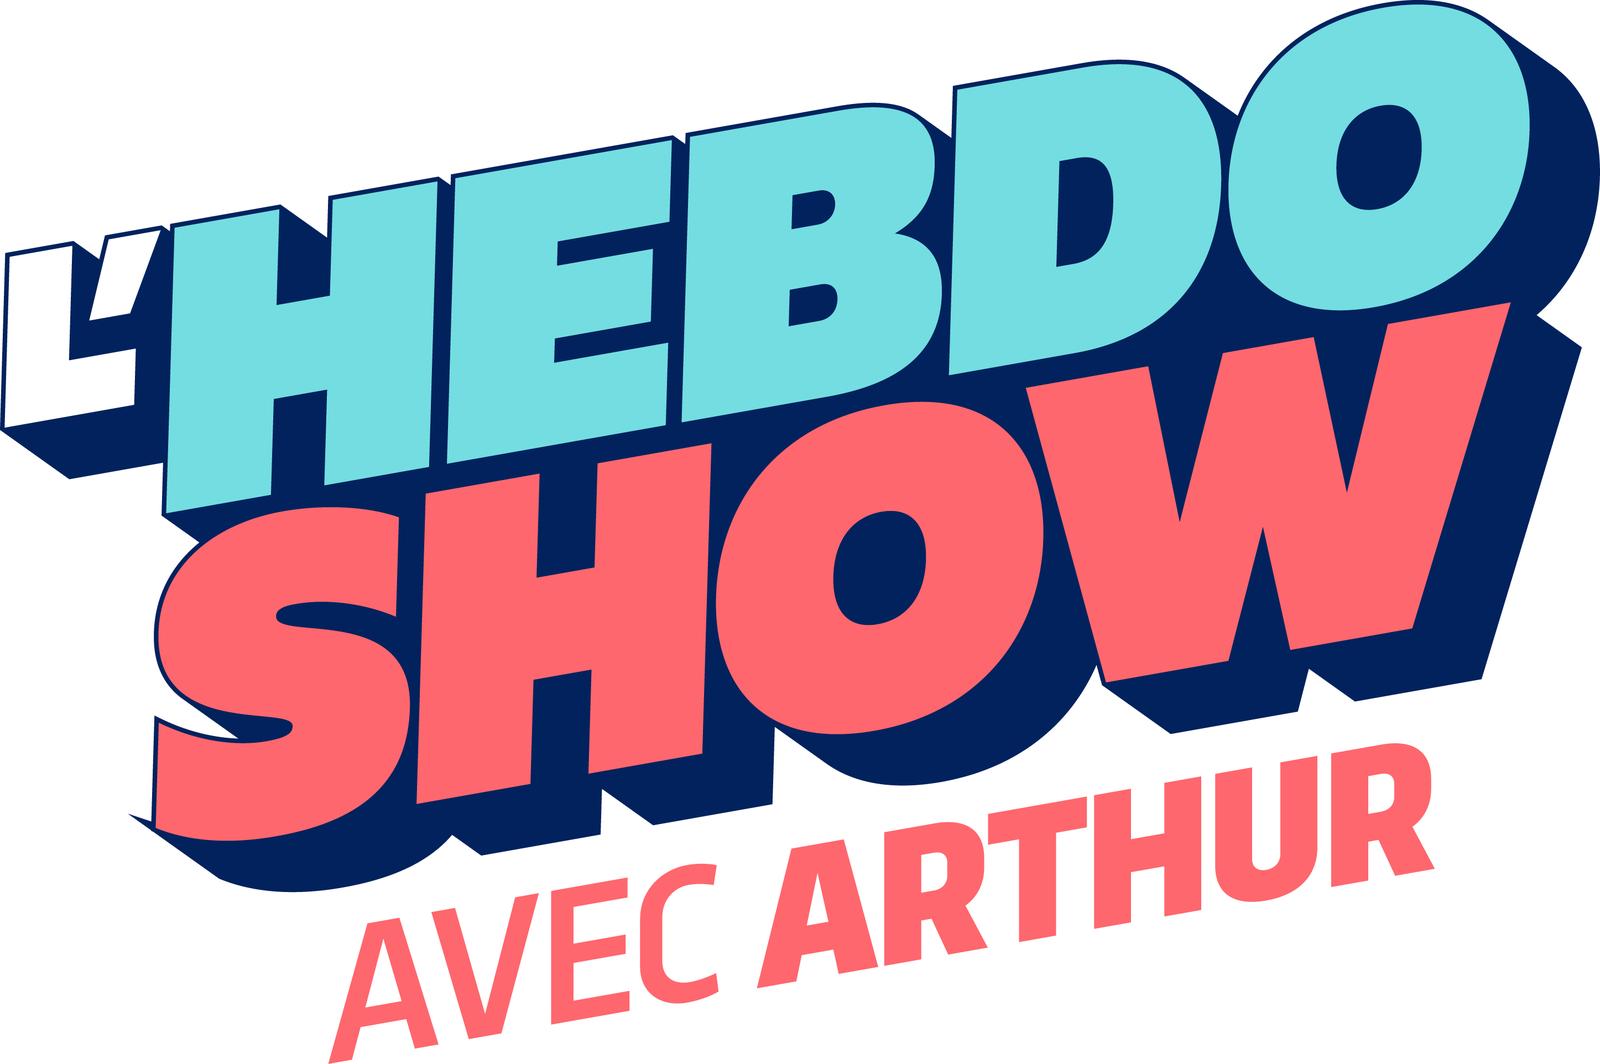 L'Hebdo Show d'Arthur dès le 29 avril sur TF1 : découvrez les participants.